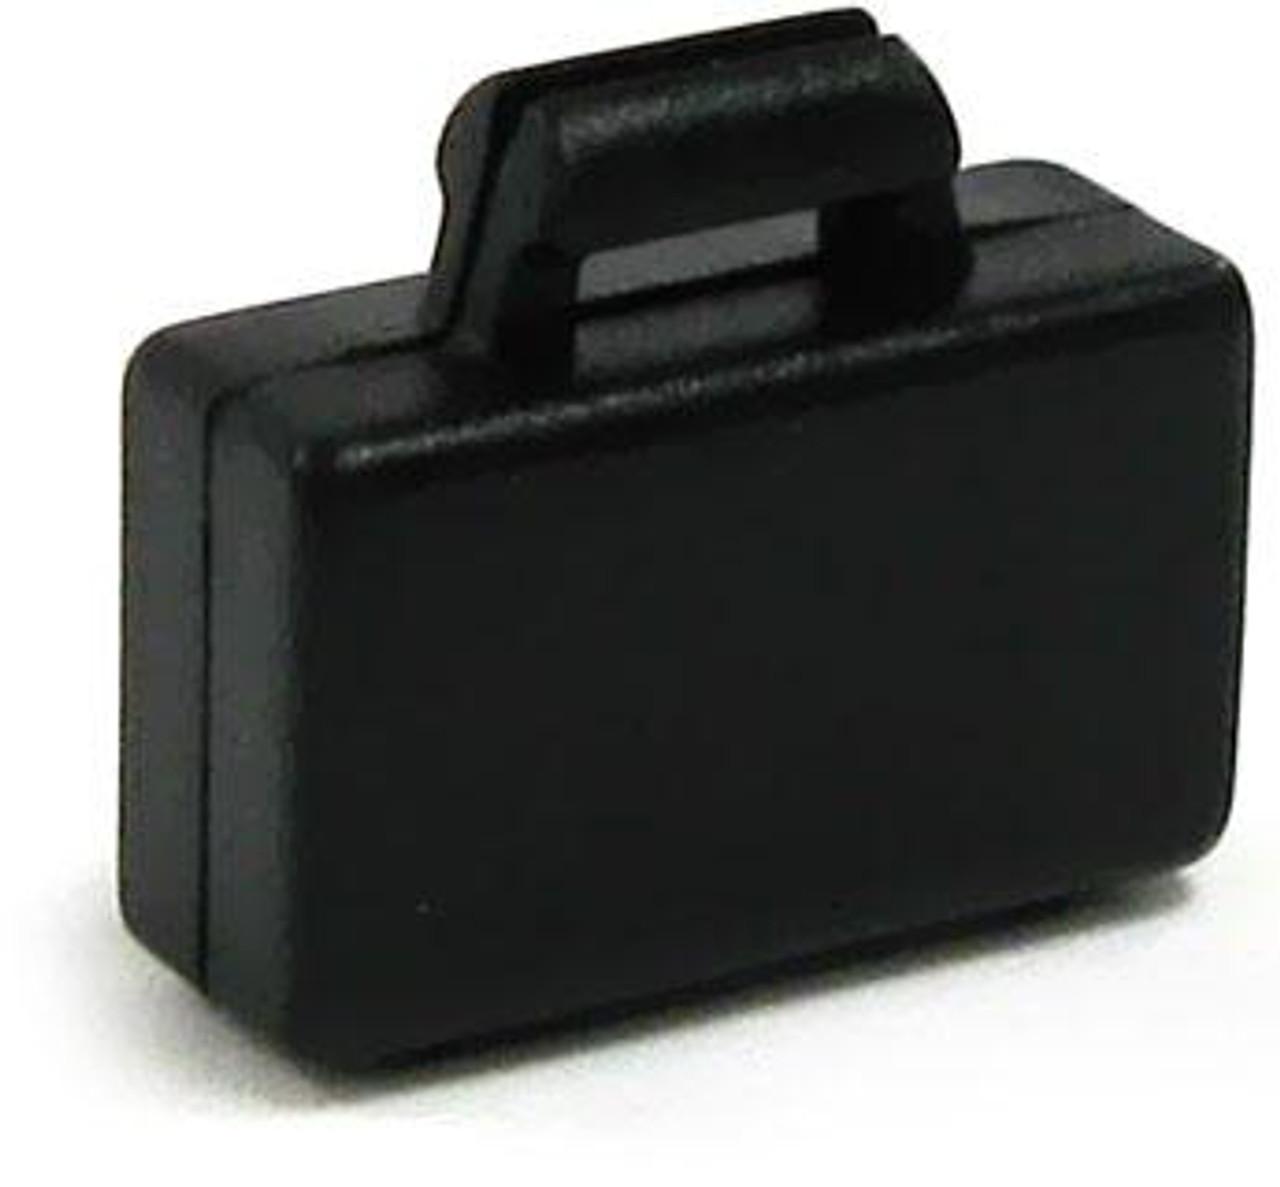 LEGO City Items Black Briefcase #3 [Loose]